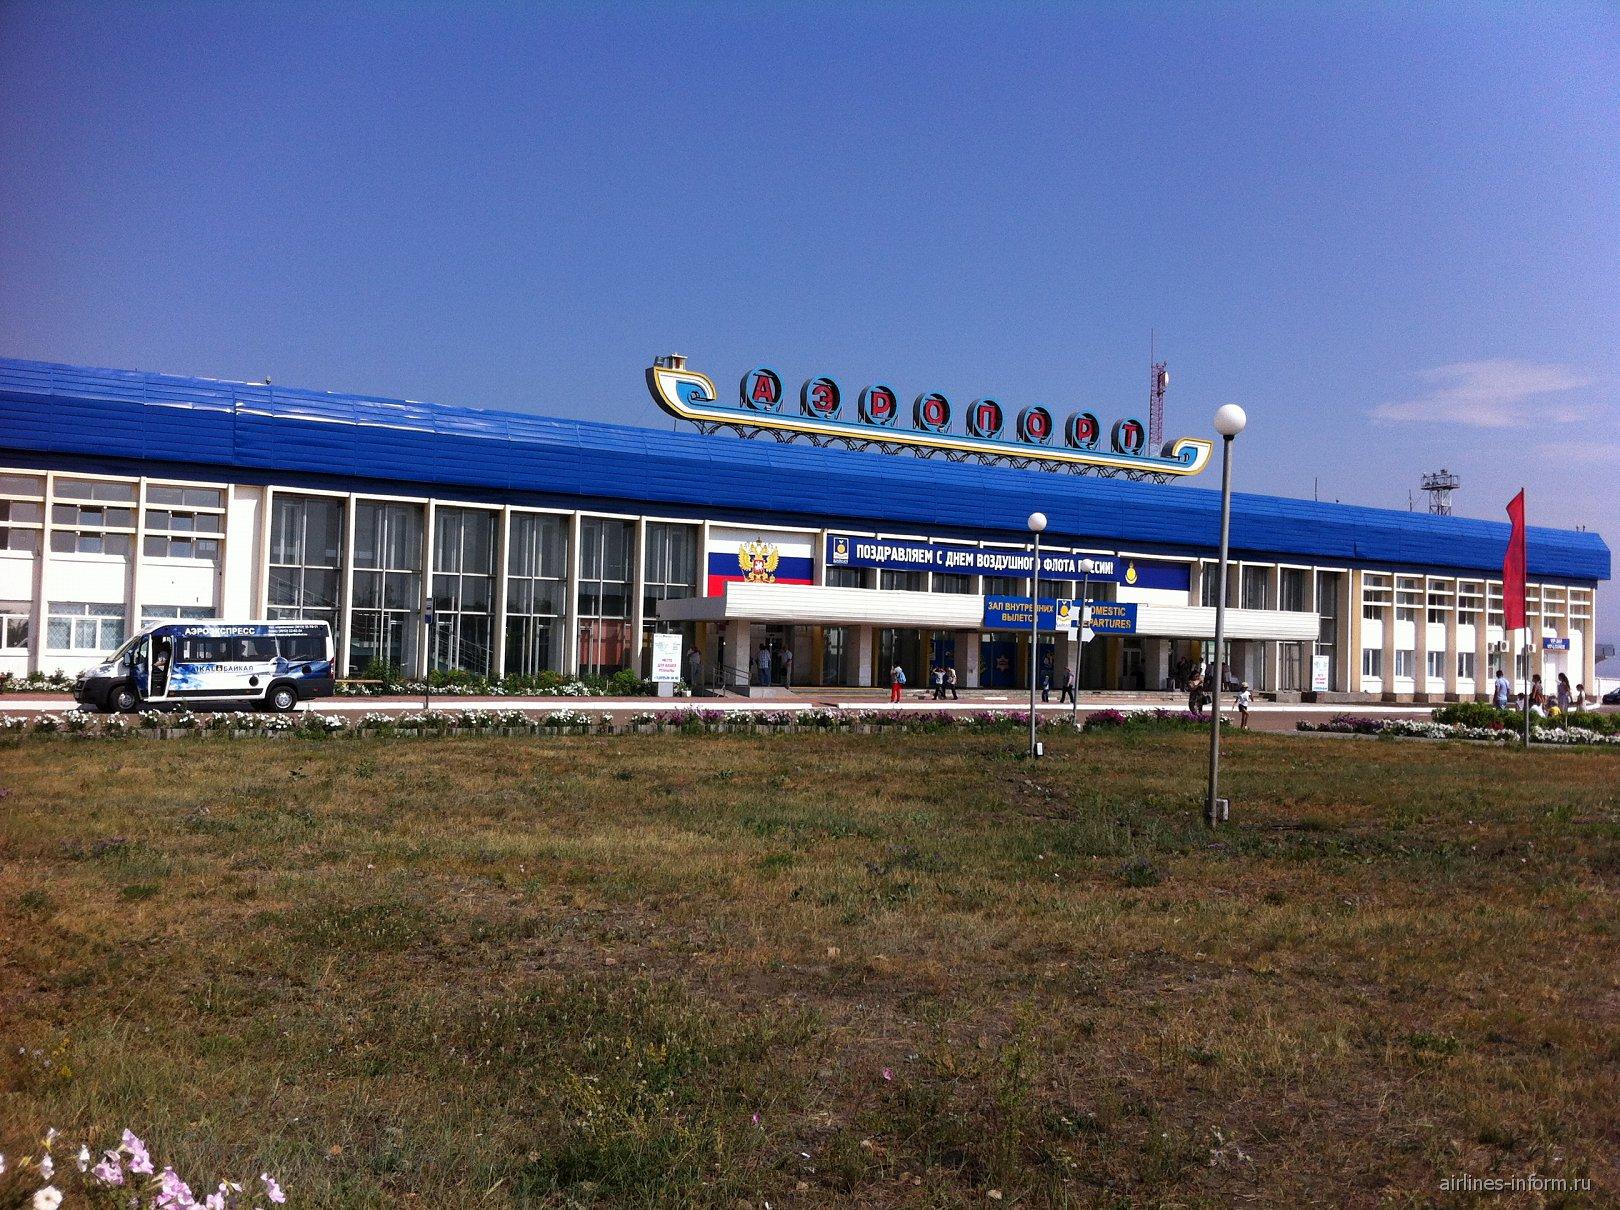 Аэровокзал аэропорта Улан-Удэ Байкал